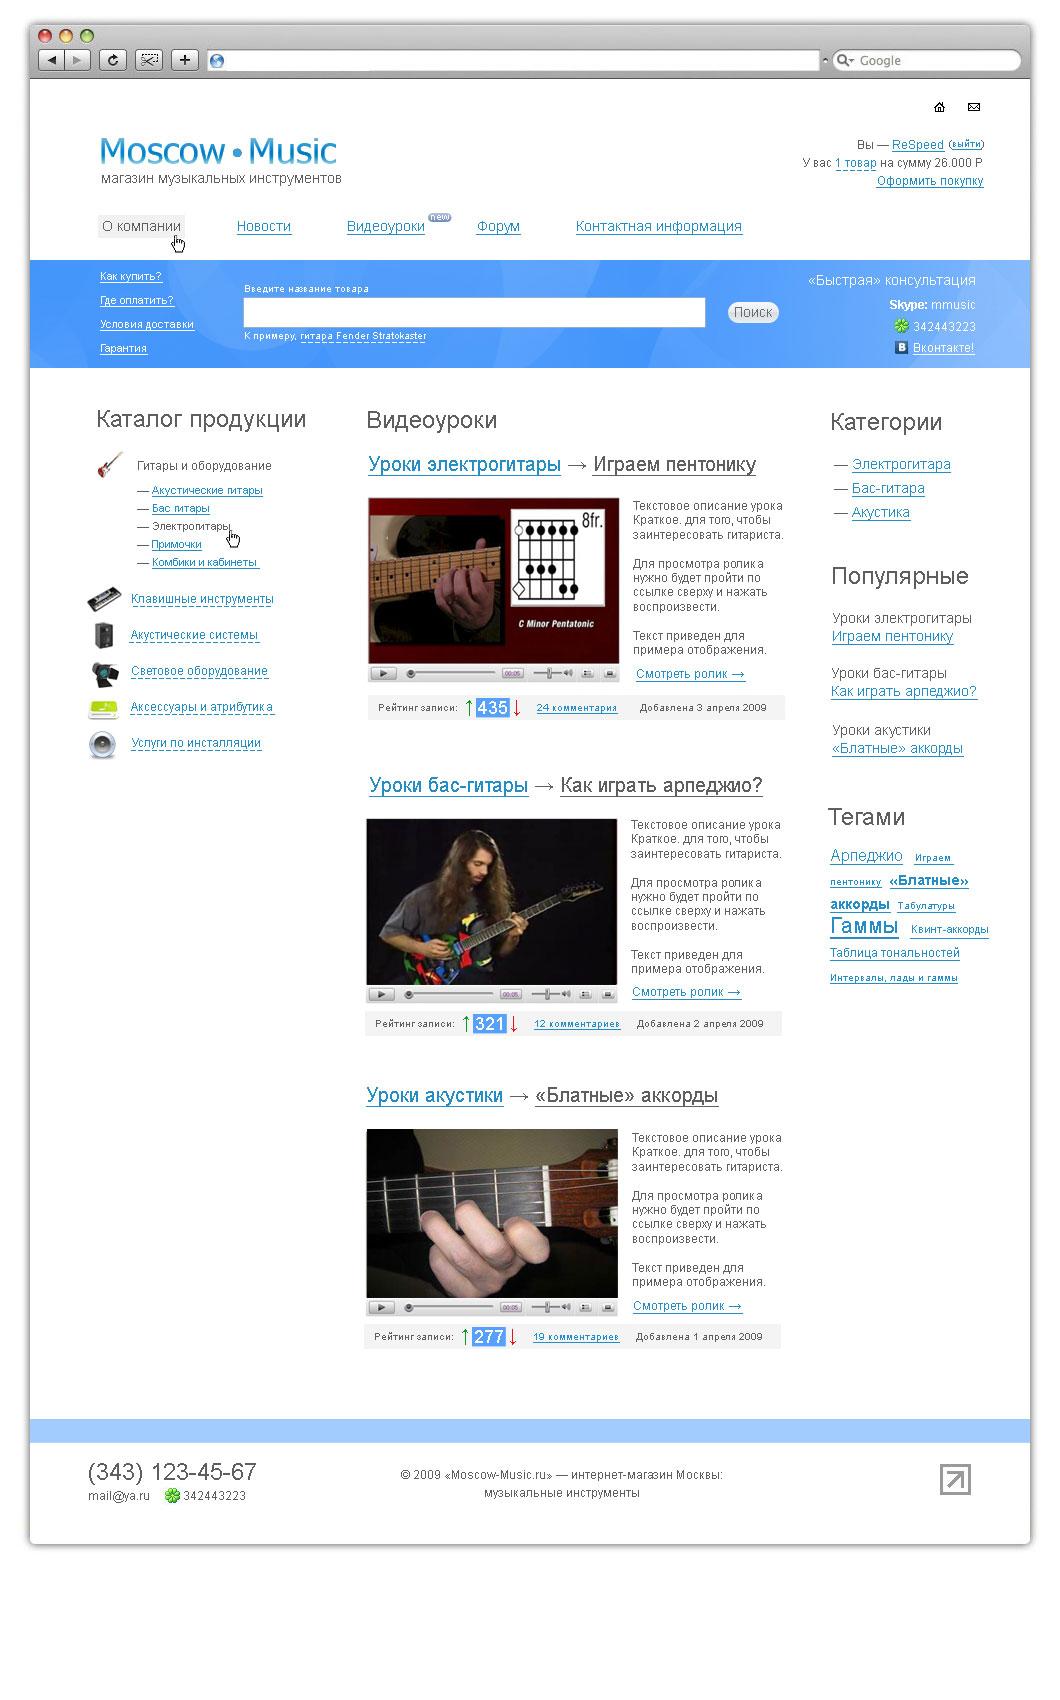 Moscow.Music — Видеоуроки